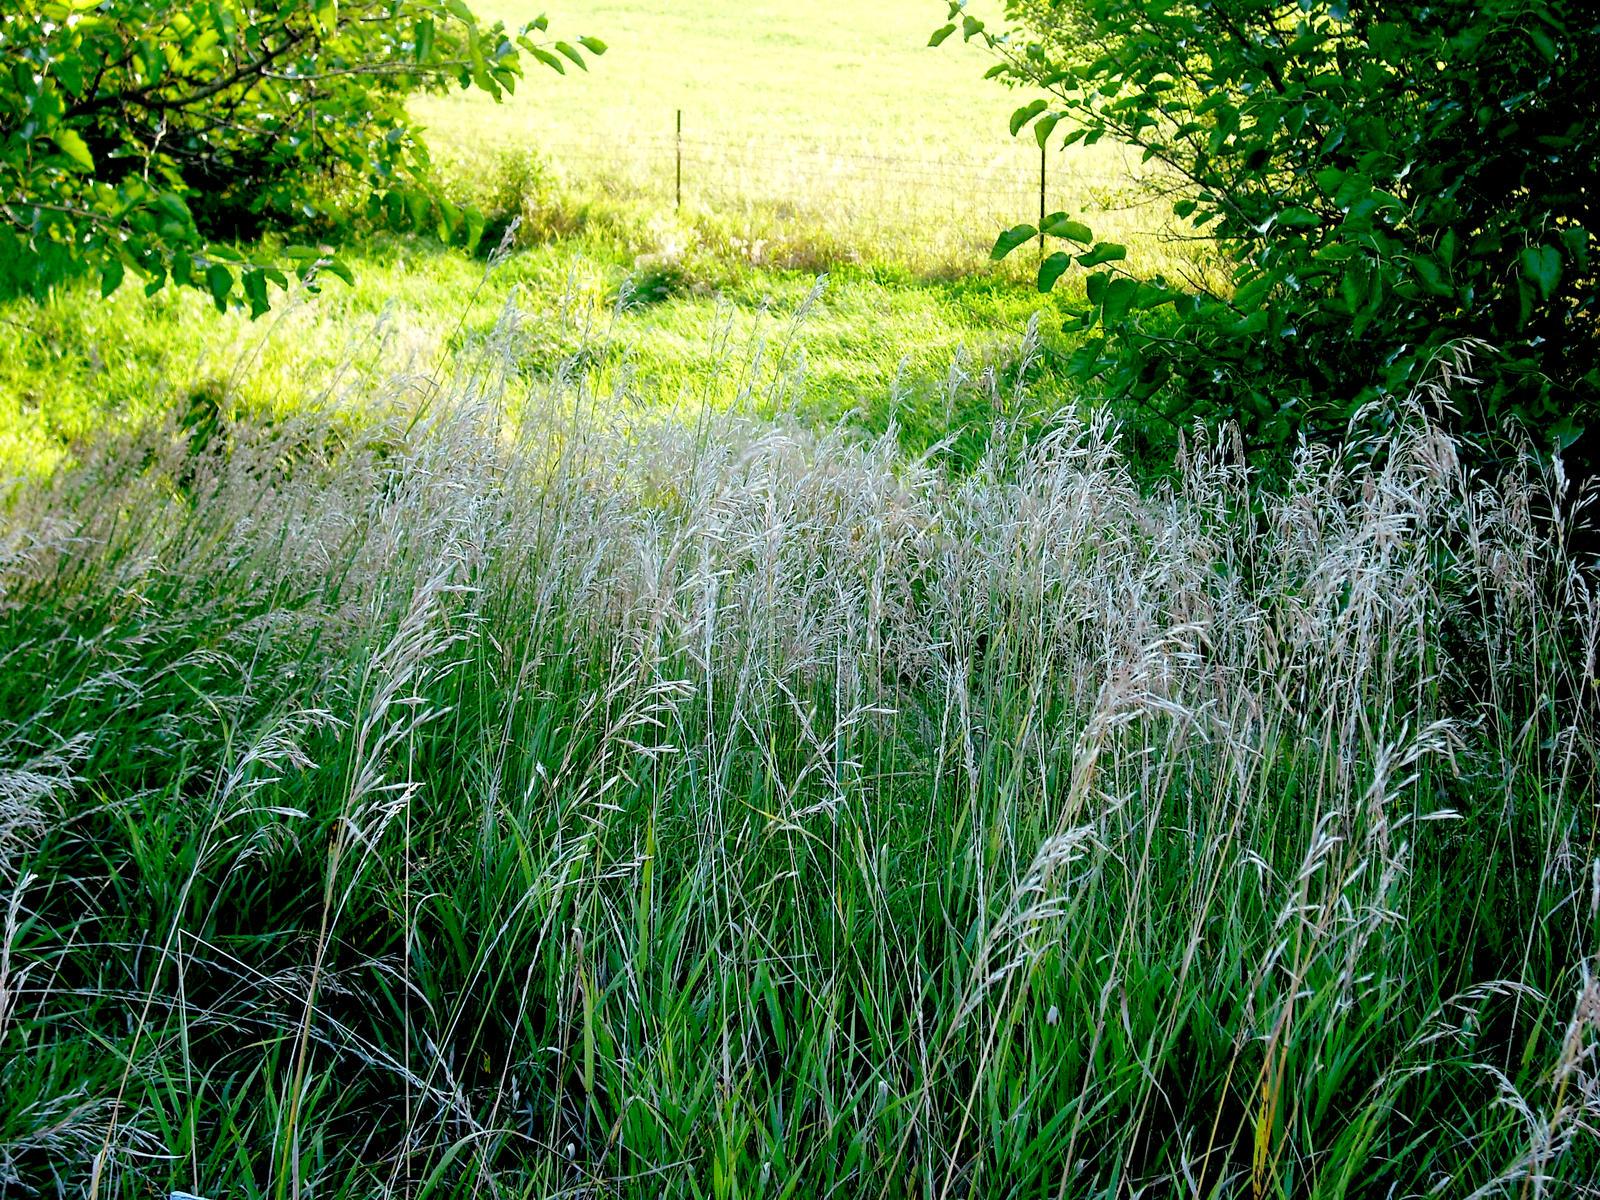 Tall grass along the road by krissybdesigns on deviantart Long grass plants